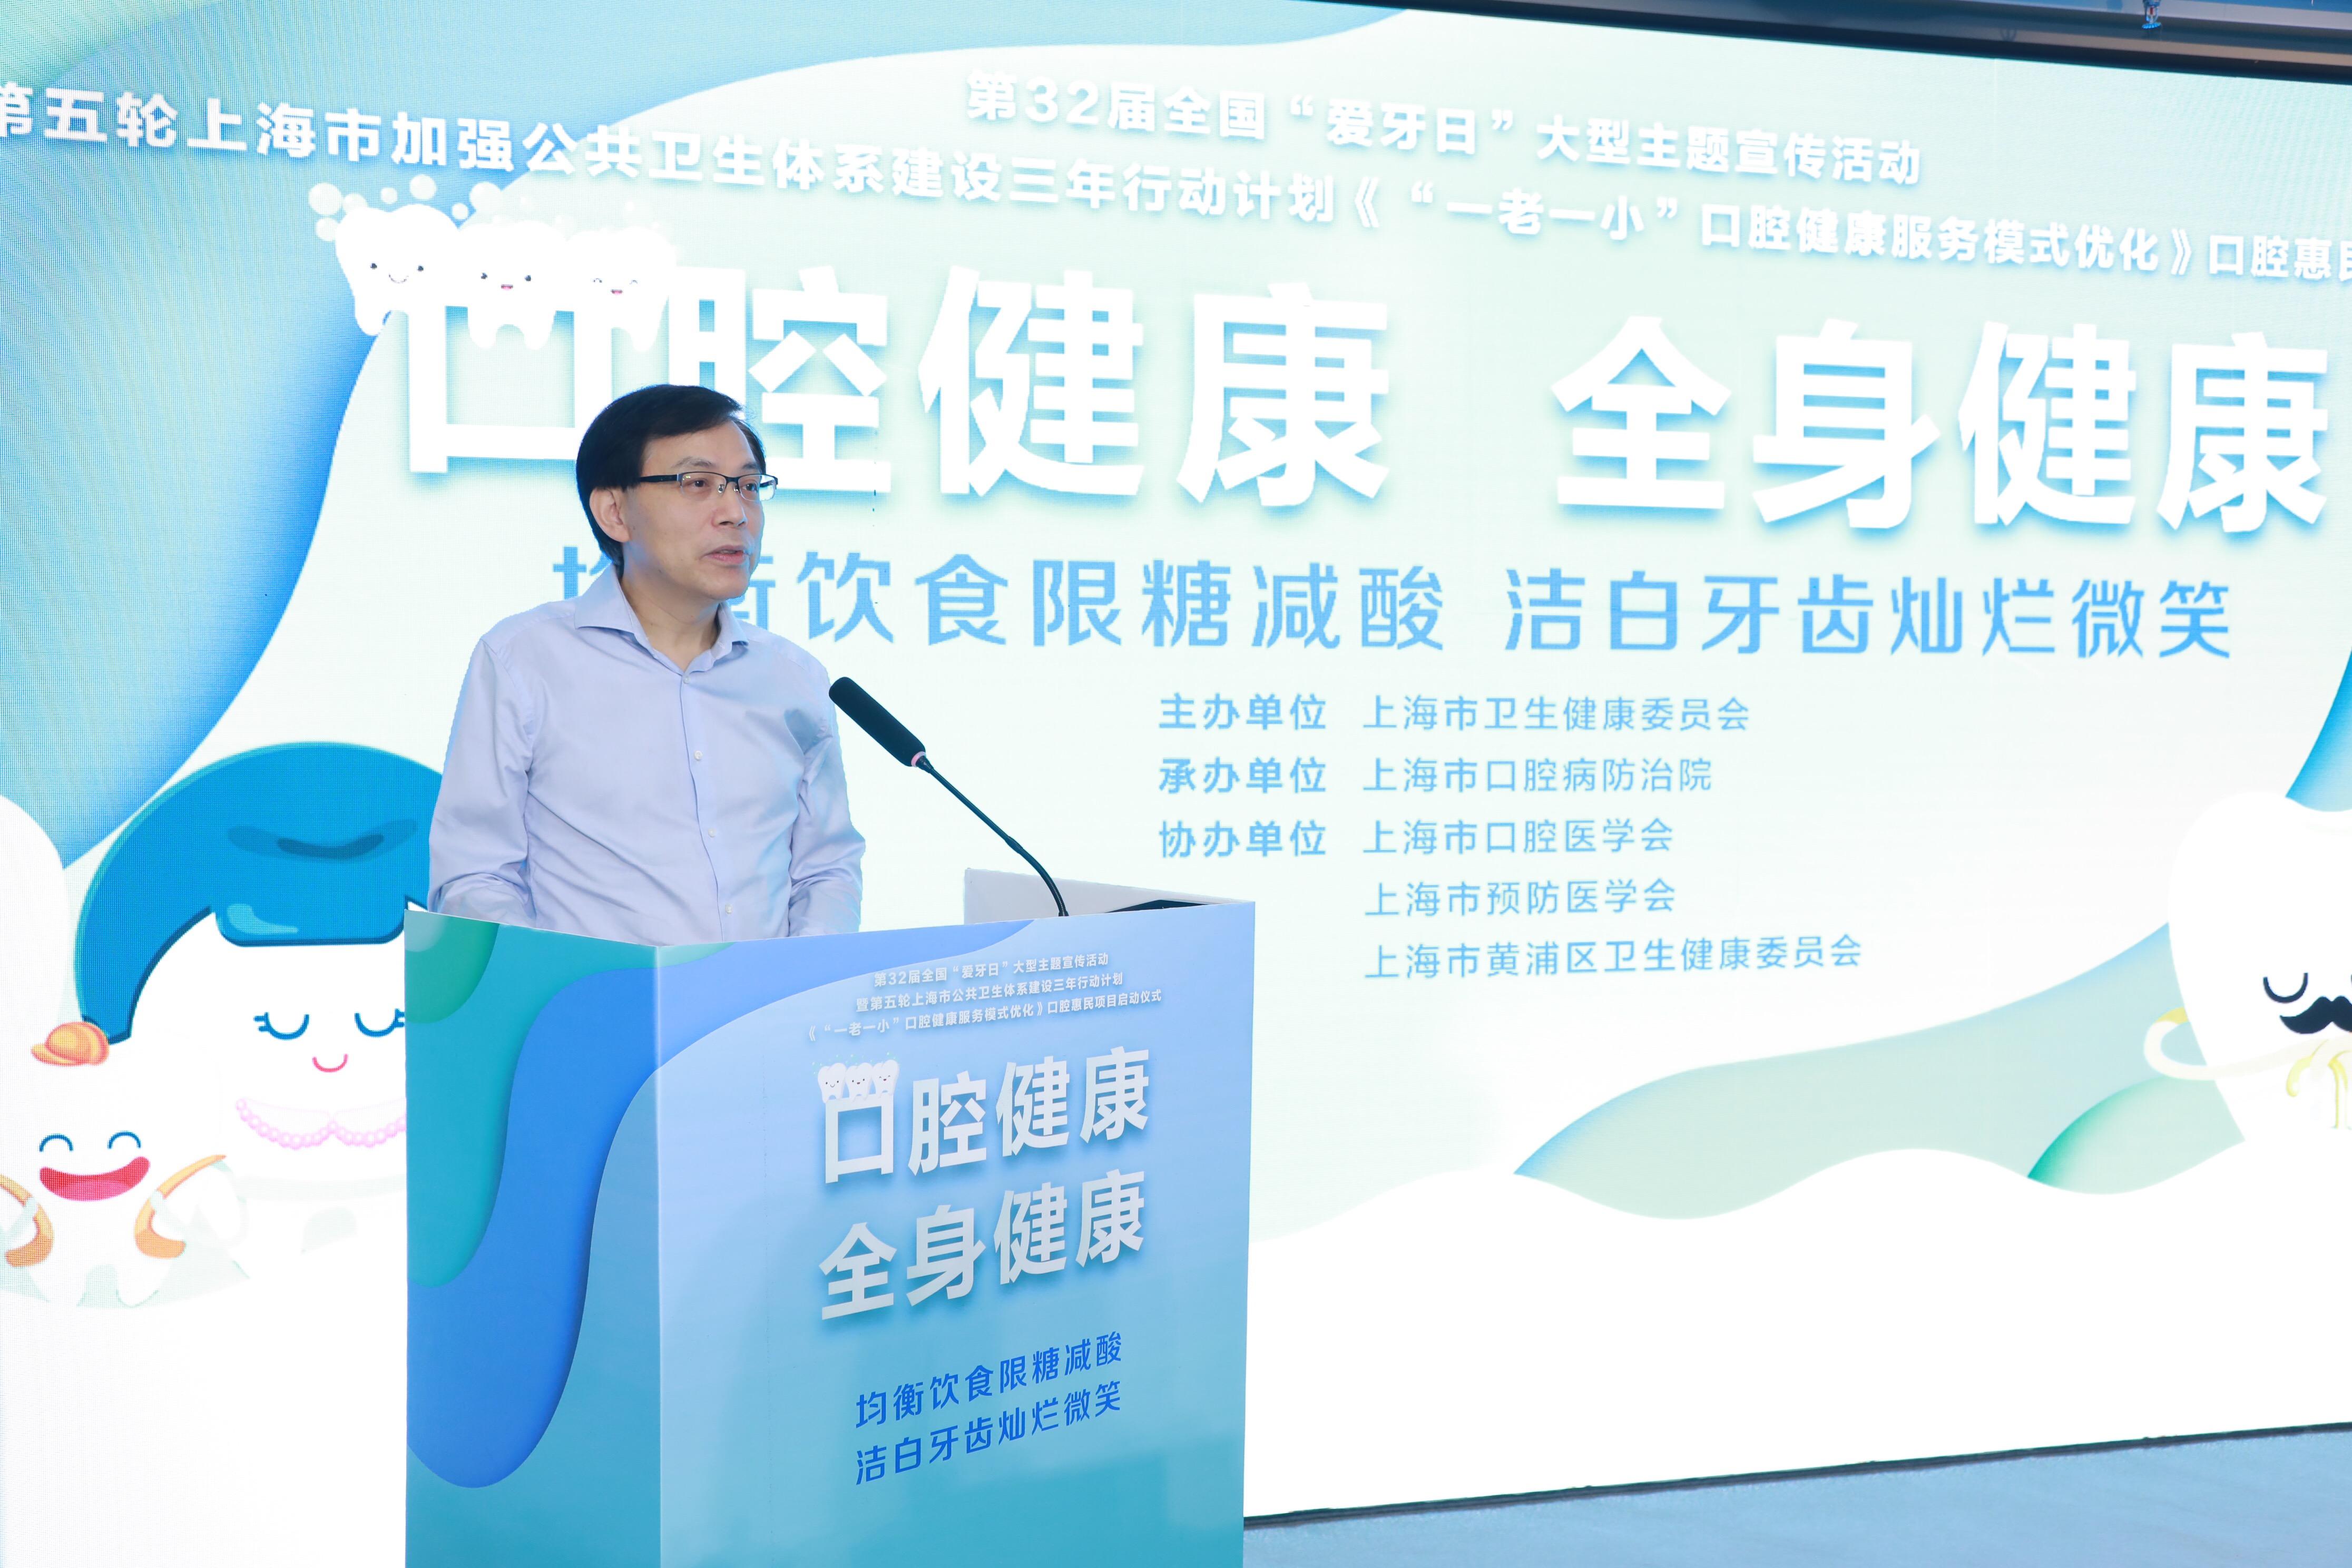 """由上海市卫生健康委员会主办、上海市口腔病防治院承办的""""全国爱牙日""""大型主题线上宣传活动。 本文图片均为上海市卫健委、上海市口腔病防治院供图"""